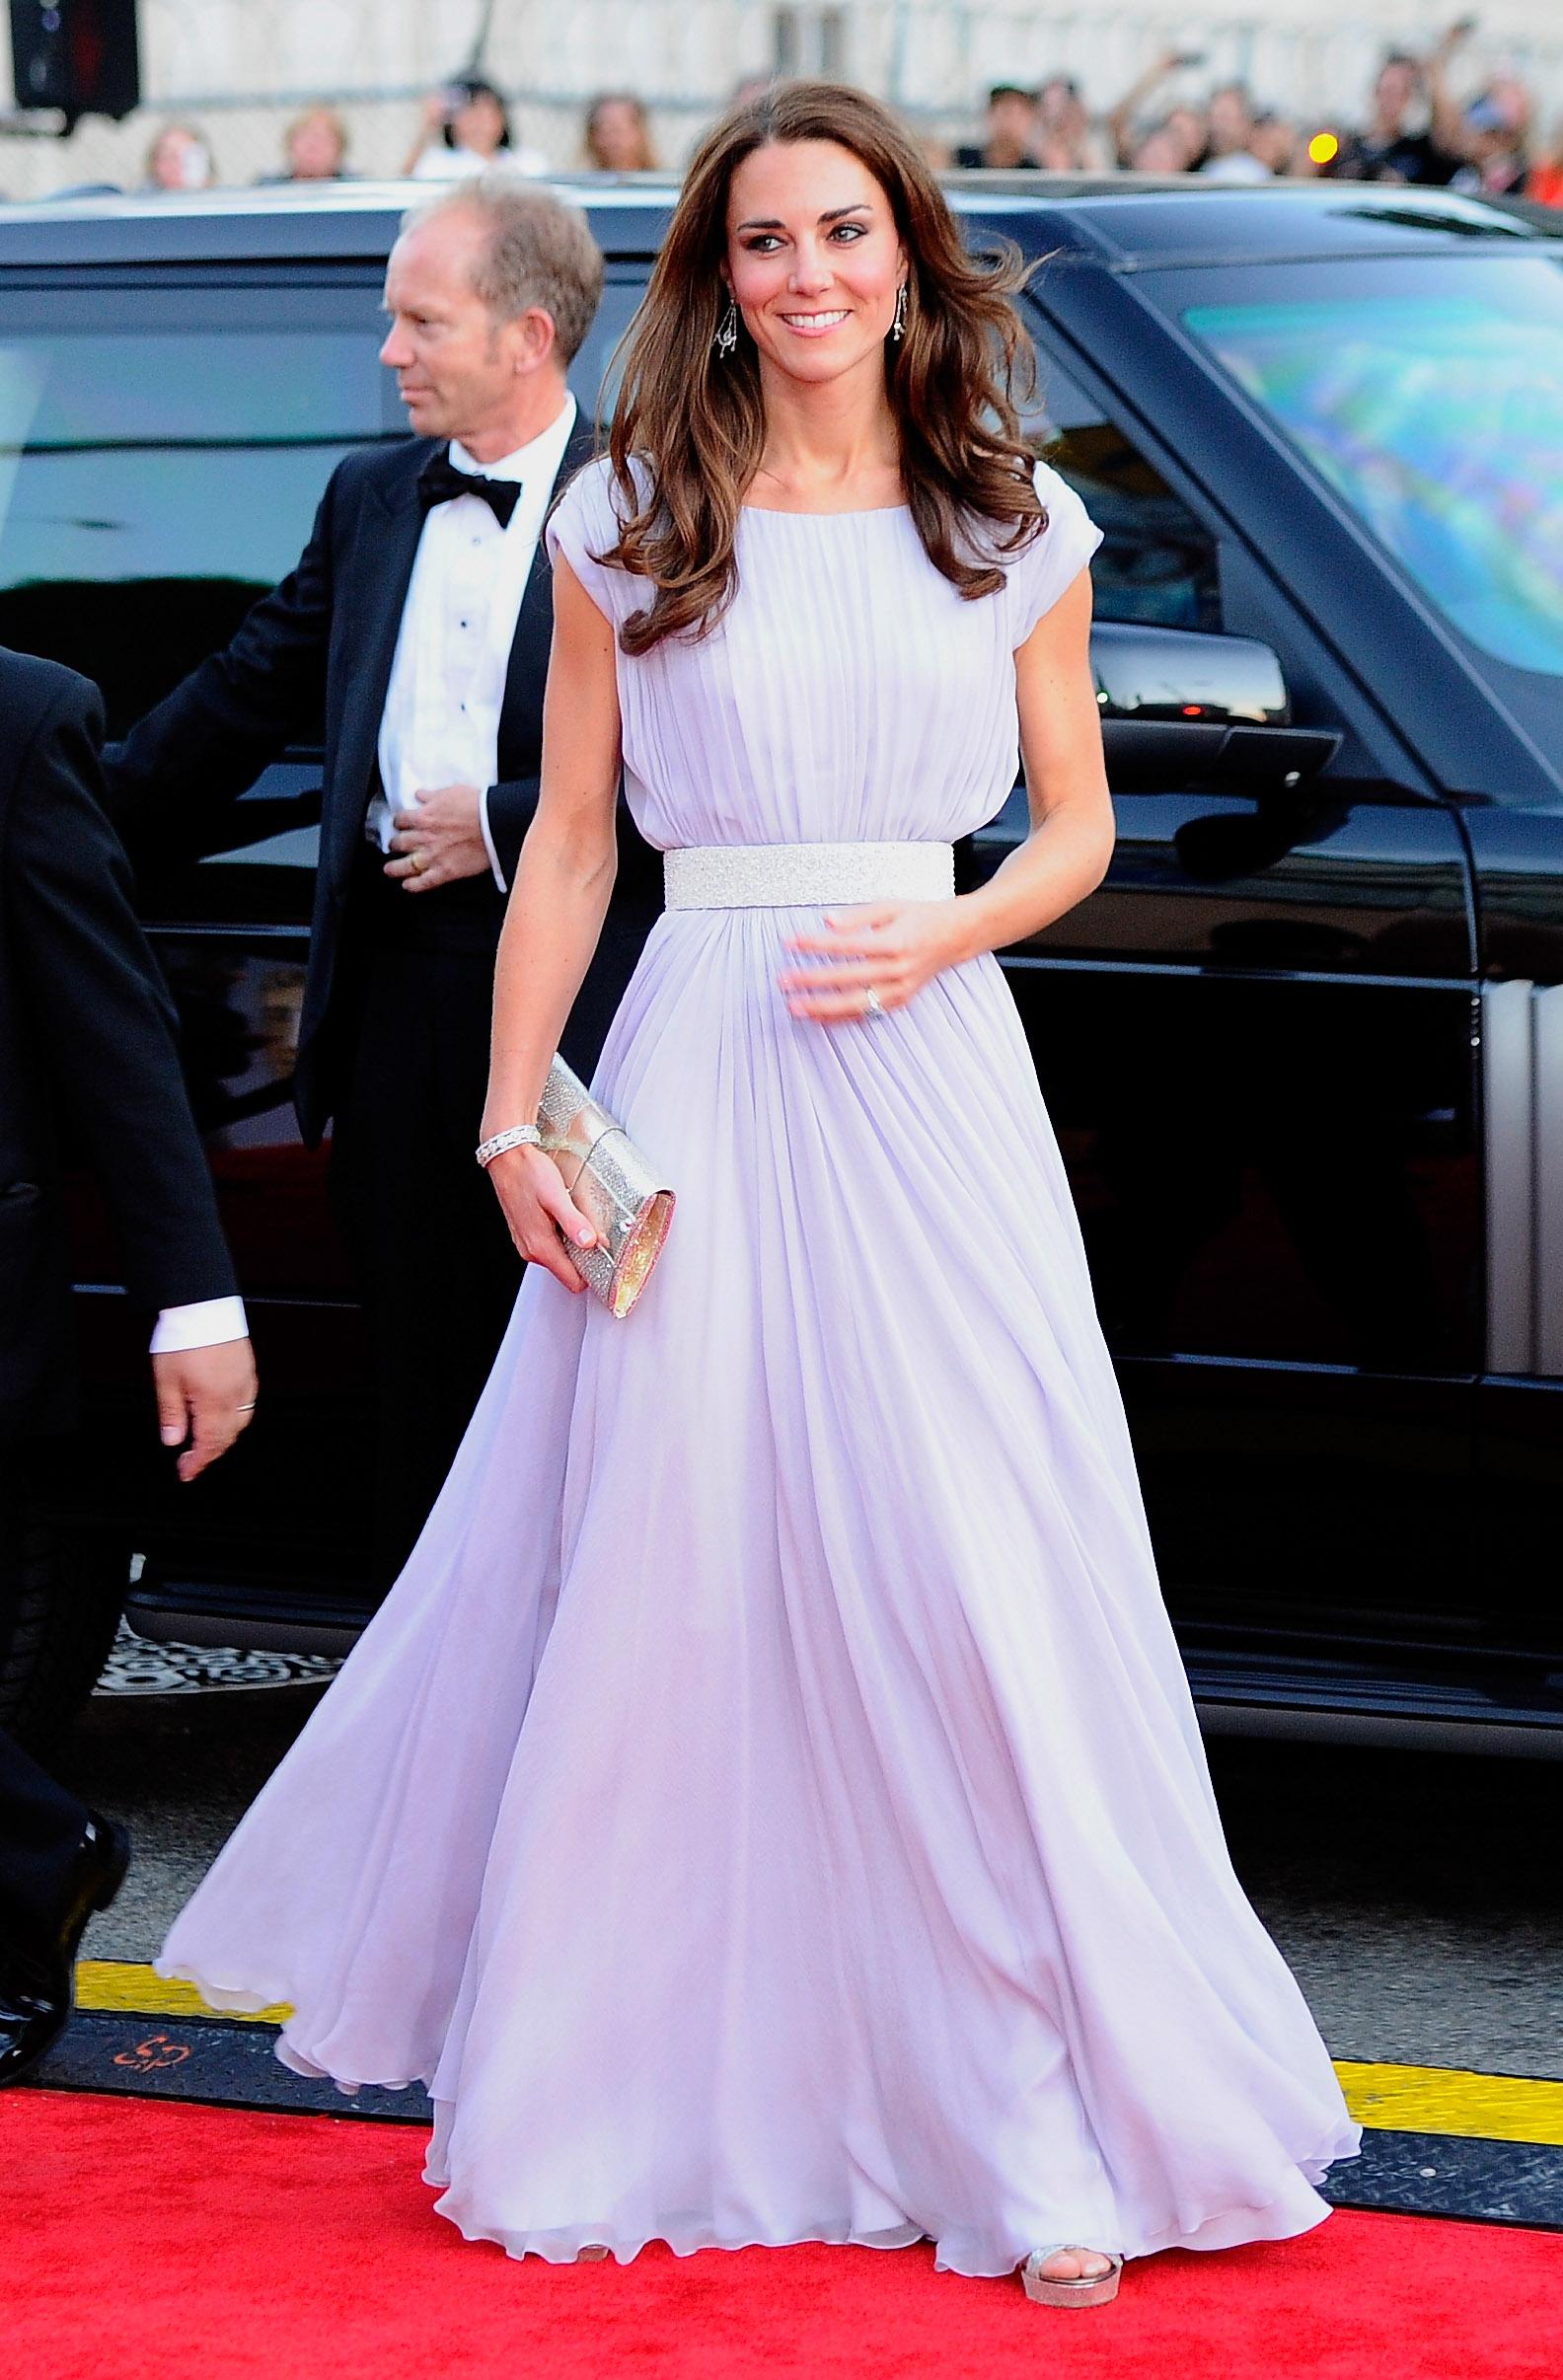 Bei der BAFTA-Gala 2011 in Los Angeles wurden alle von Kates Outfit verzaubert.   Foto: Getty Images